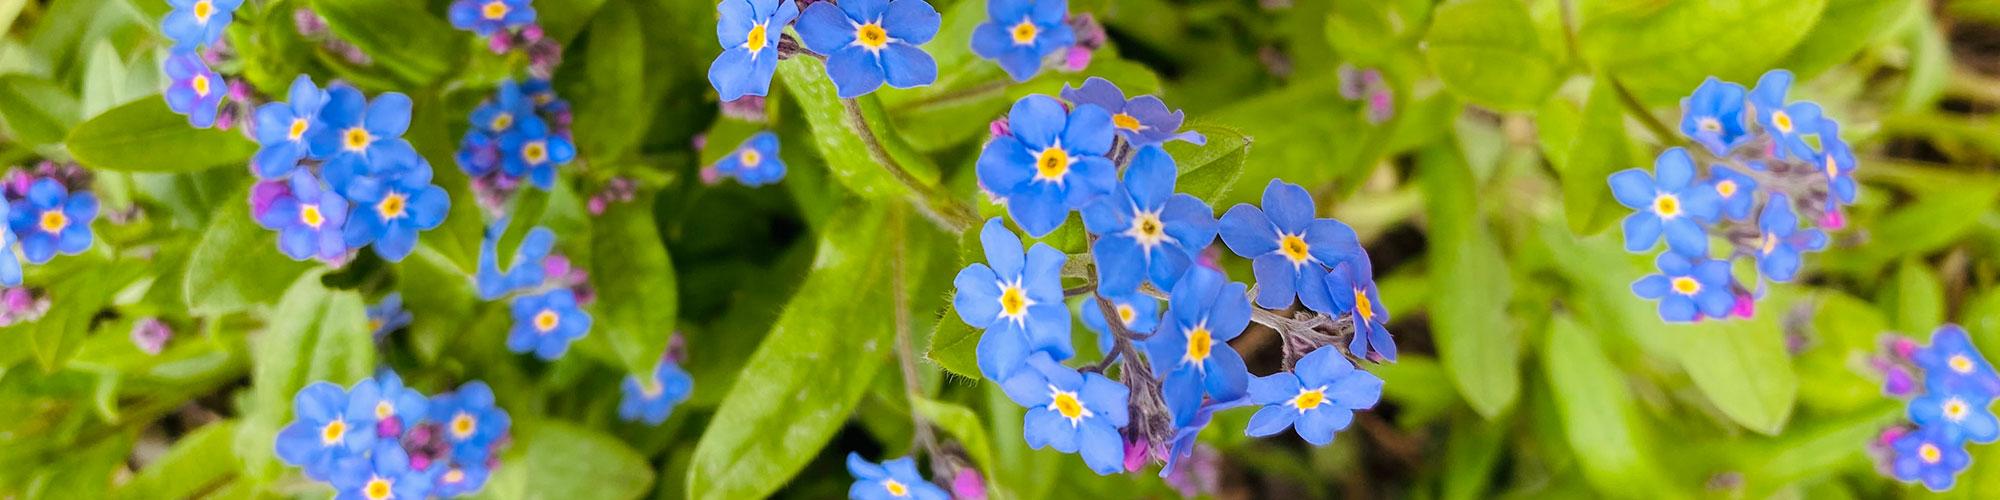 slider-blaue-blume